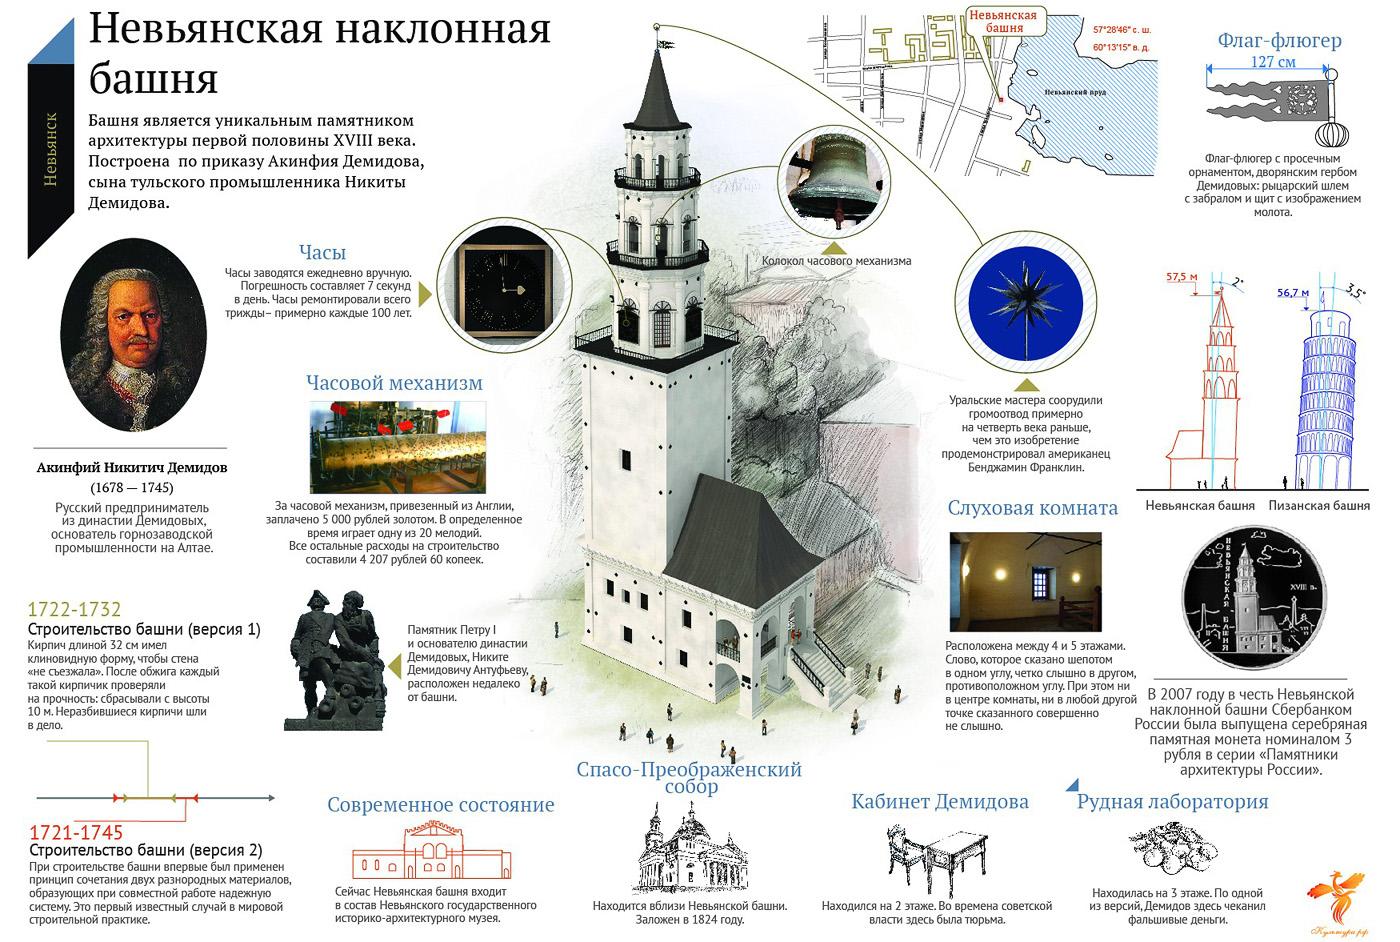 nevyansk_naklonnaya-baschnya_09